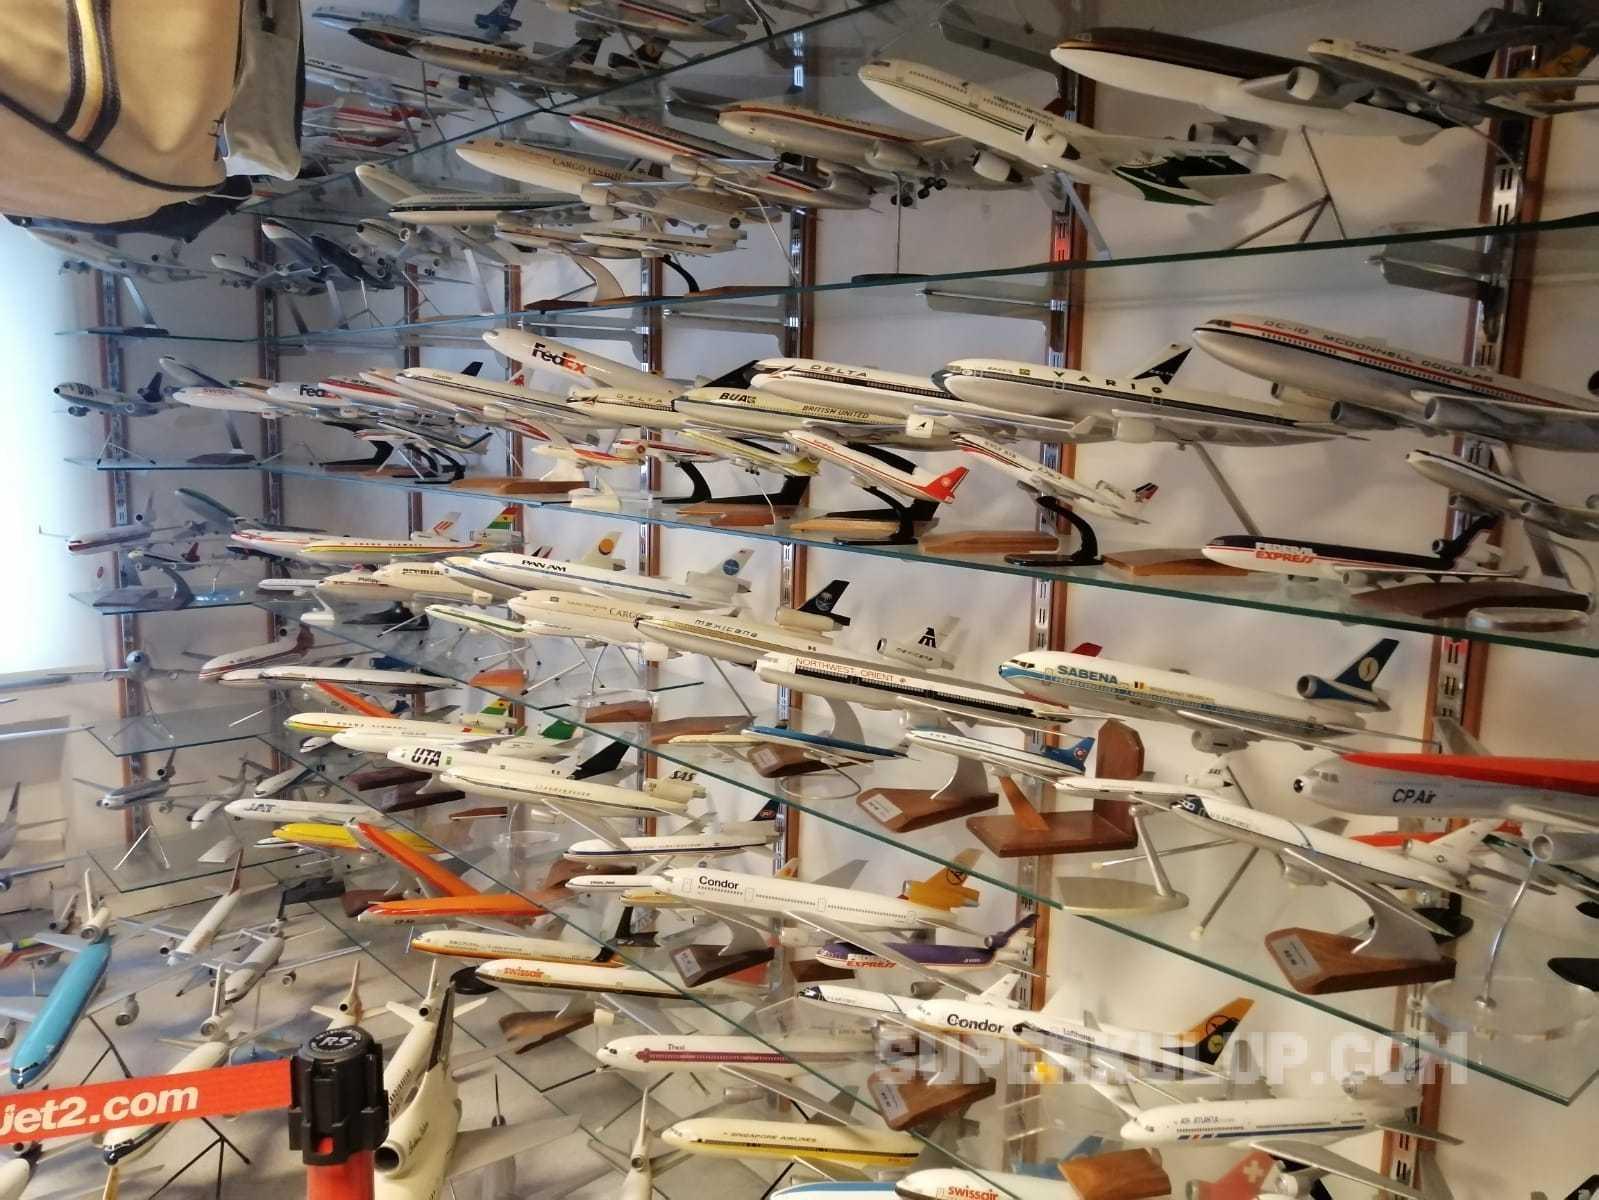 IMG 20210205 WA0063 - İşadamı Gökhan Sarıgöl'ün 2.5 milyon dolarlık maket uçağı var!